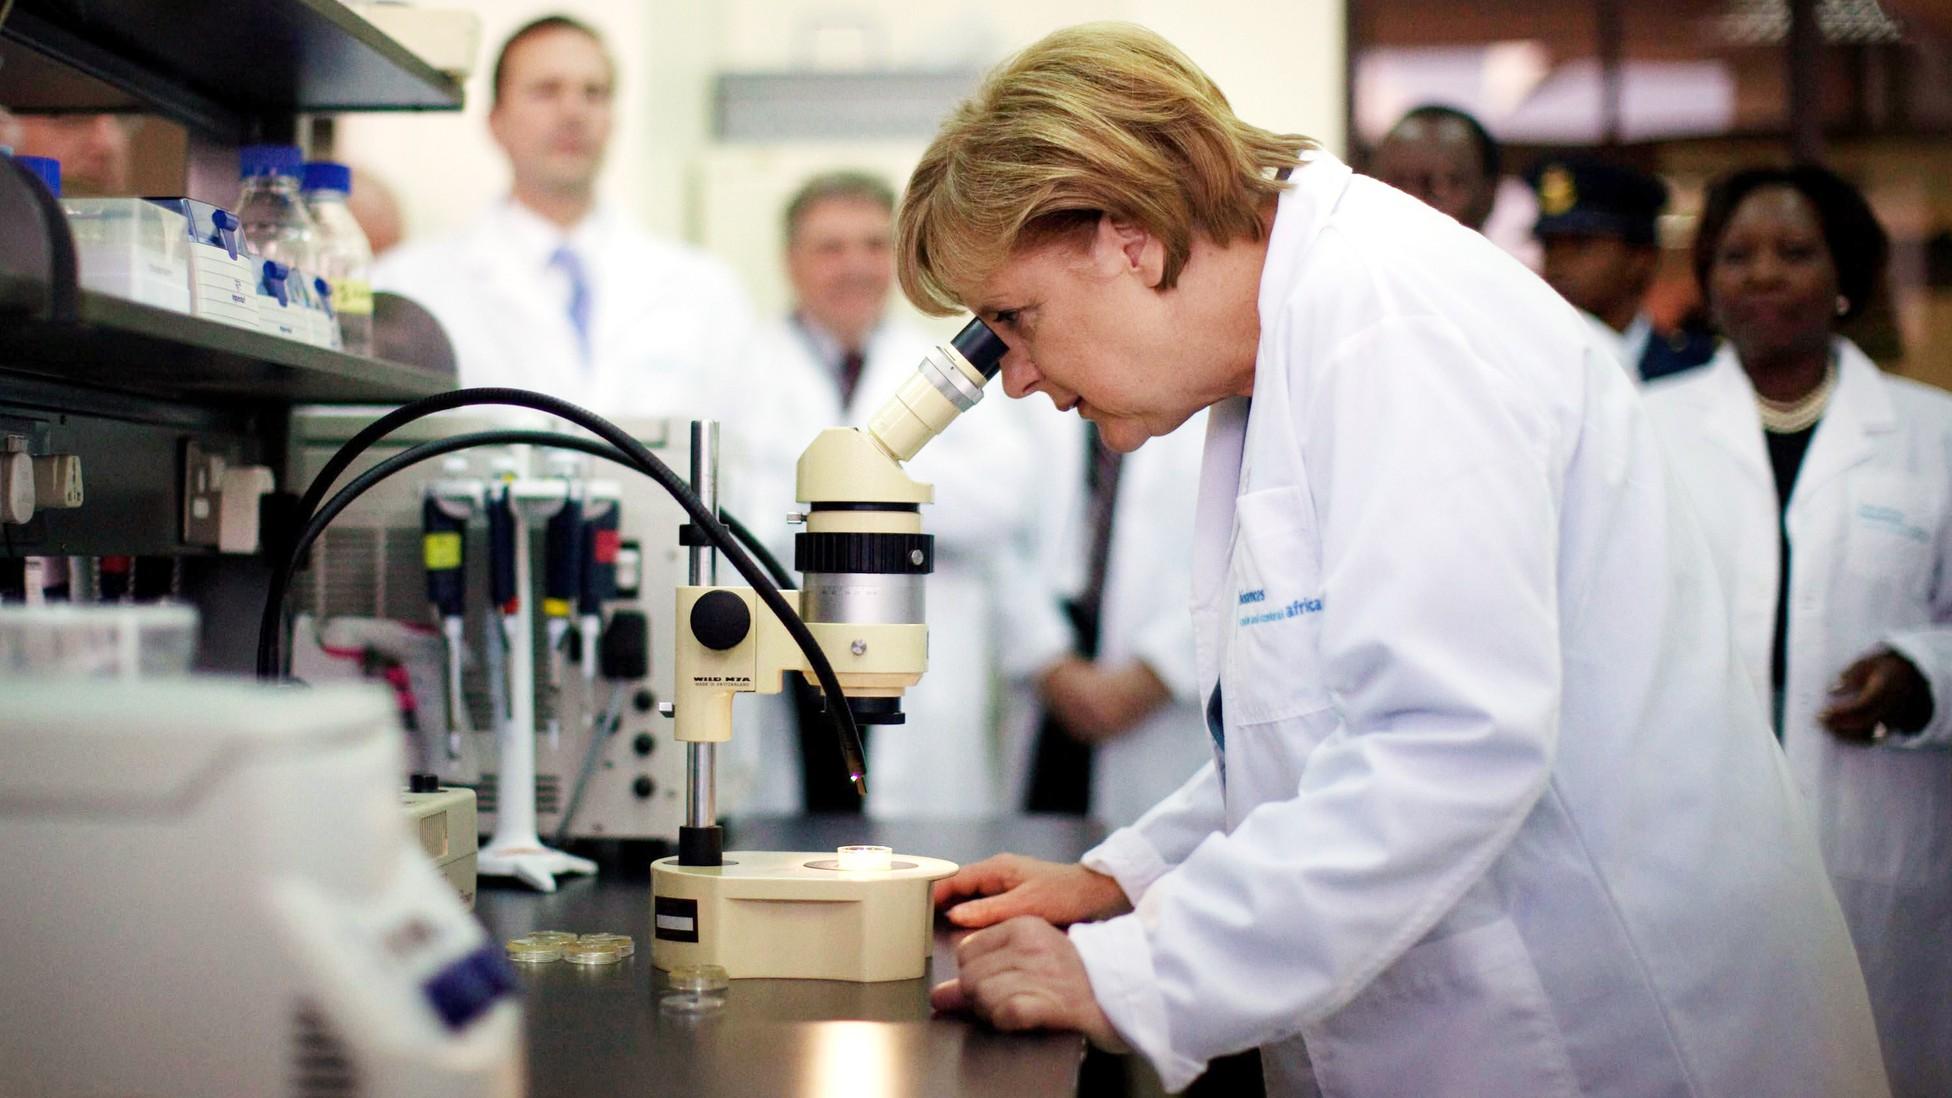 Cách tiếp cận của một nhà lãnh đạo có tư duy khoa học đã giúp Thủ tướng Angela Merkel có các quyết sách chống dịch hiệu quả - Ảnh: Michael Kappeler/DPA/Alamy